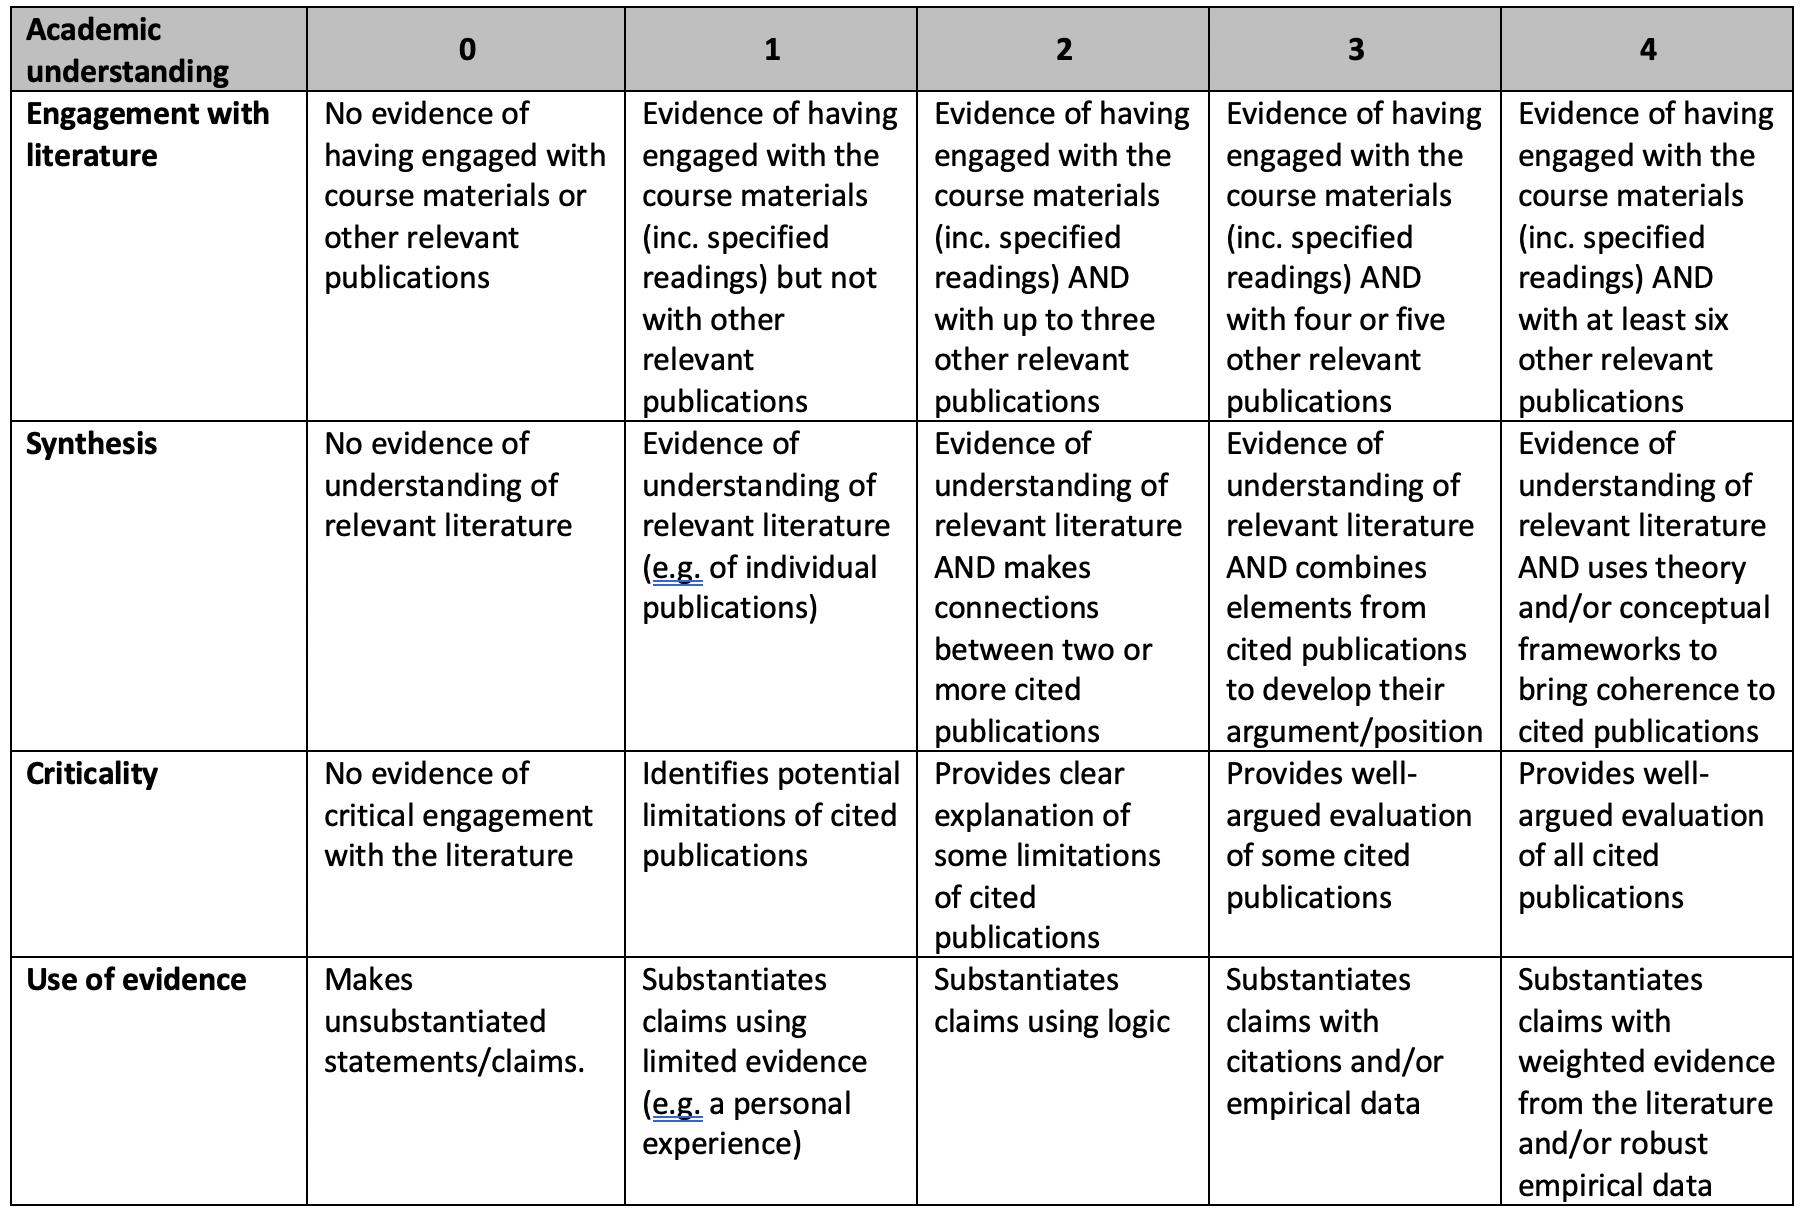 Rubric for Academic understanding